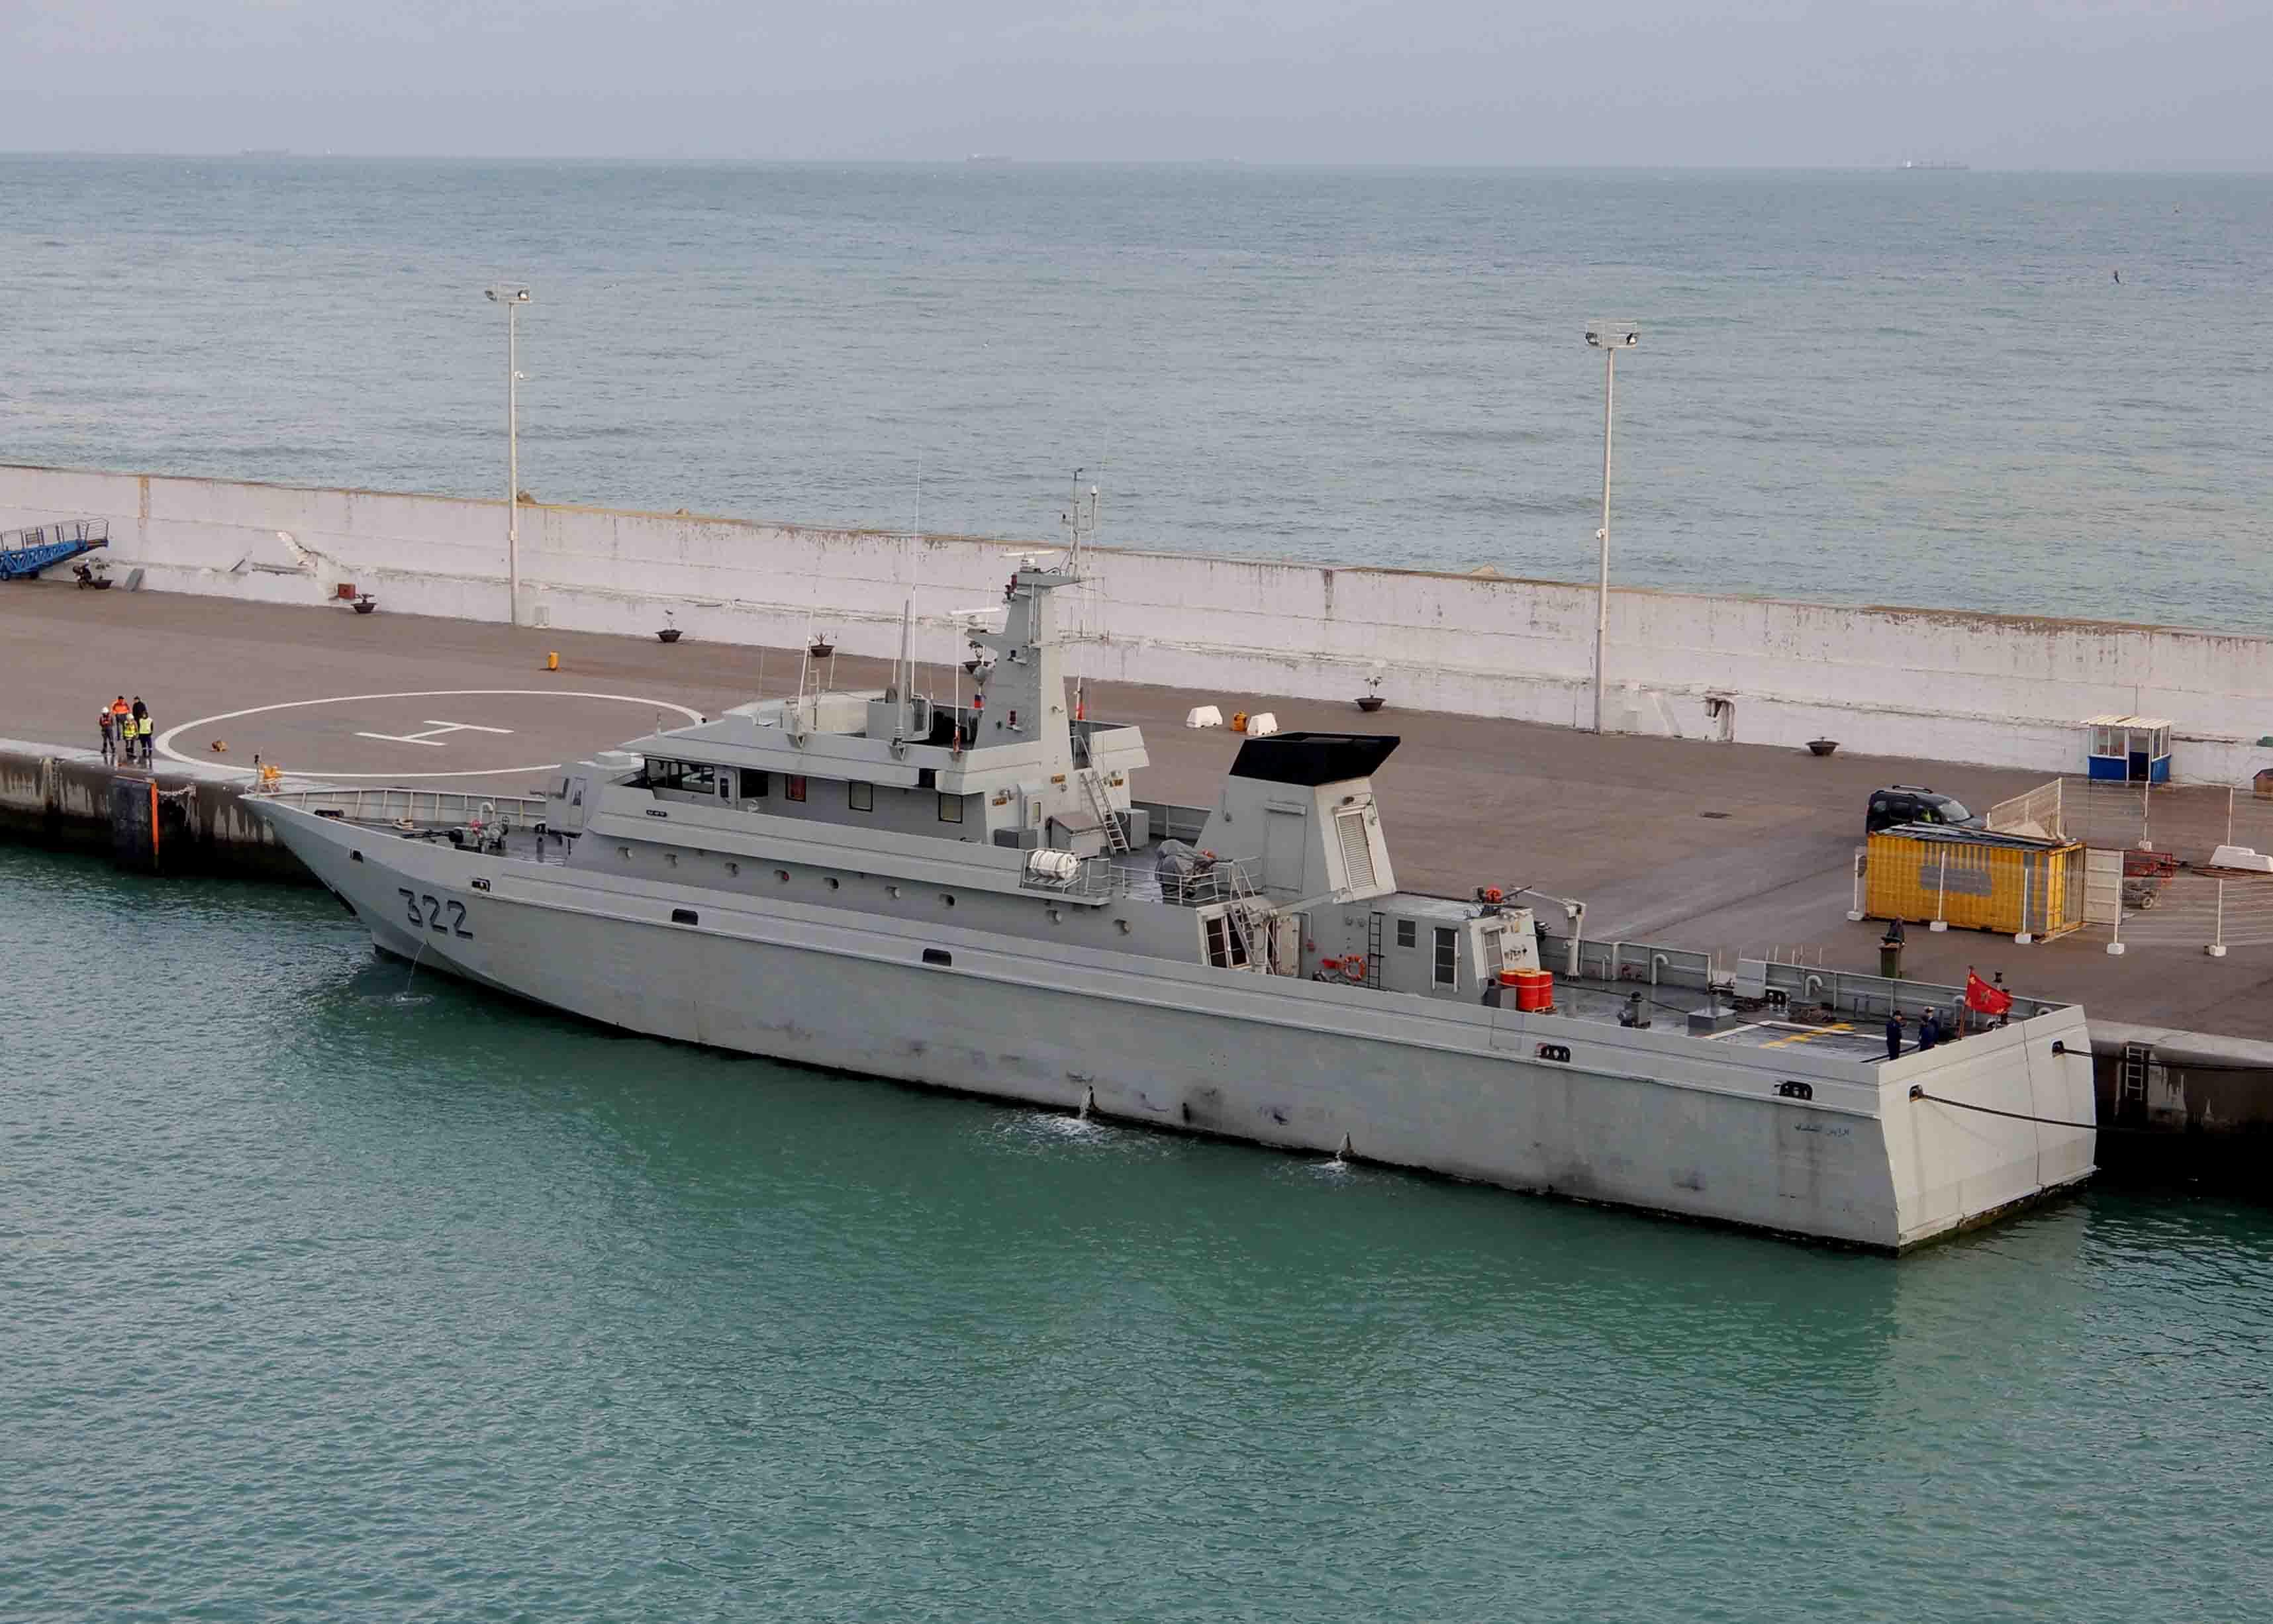 Royal Moroccan Navy Patrol Boats / Patrouilleurs de la Marine Marocaine - Page 13 2846973